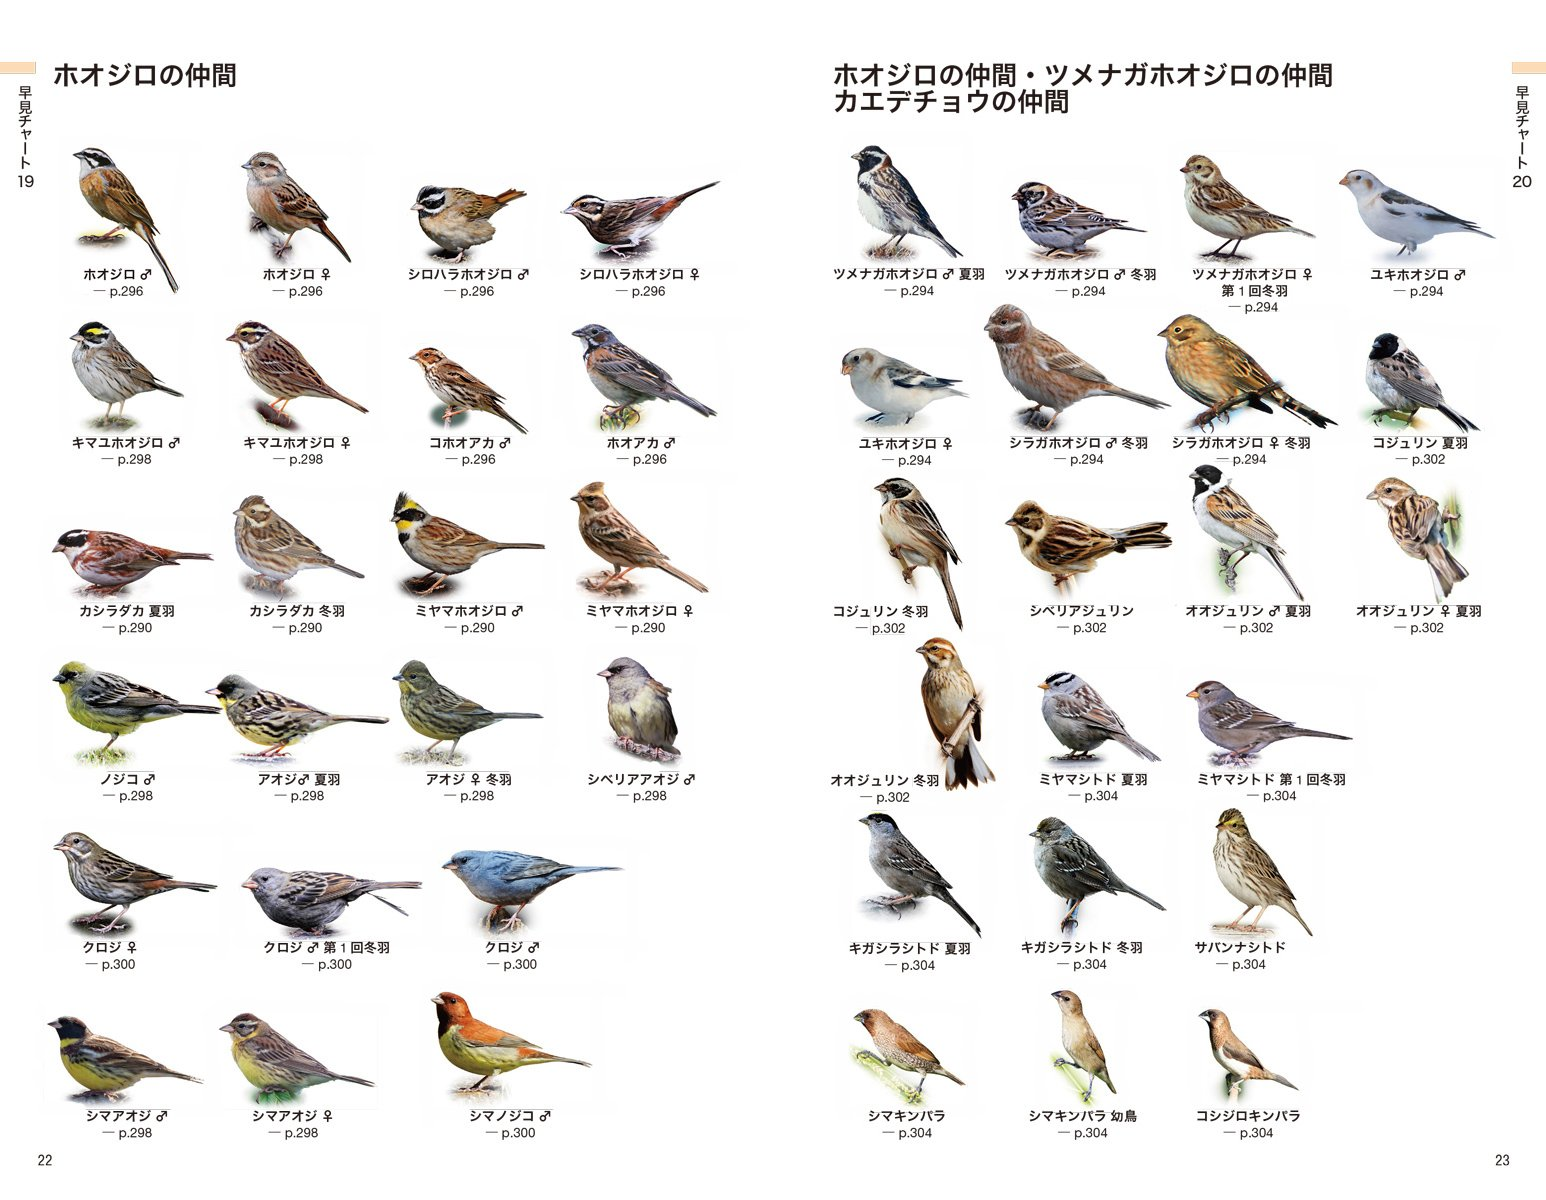 日本の野鳥識別図鑑: 知りたい野...